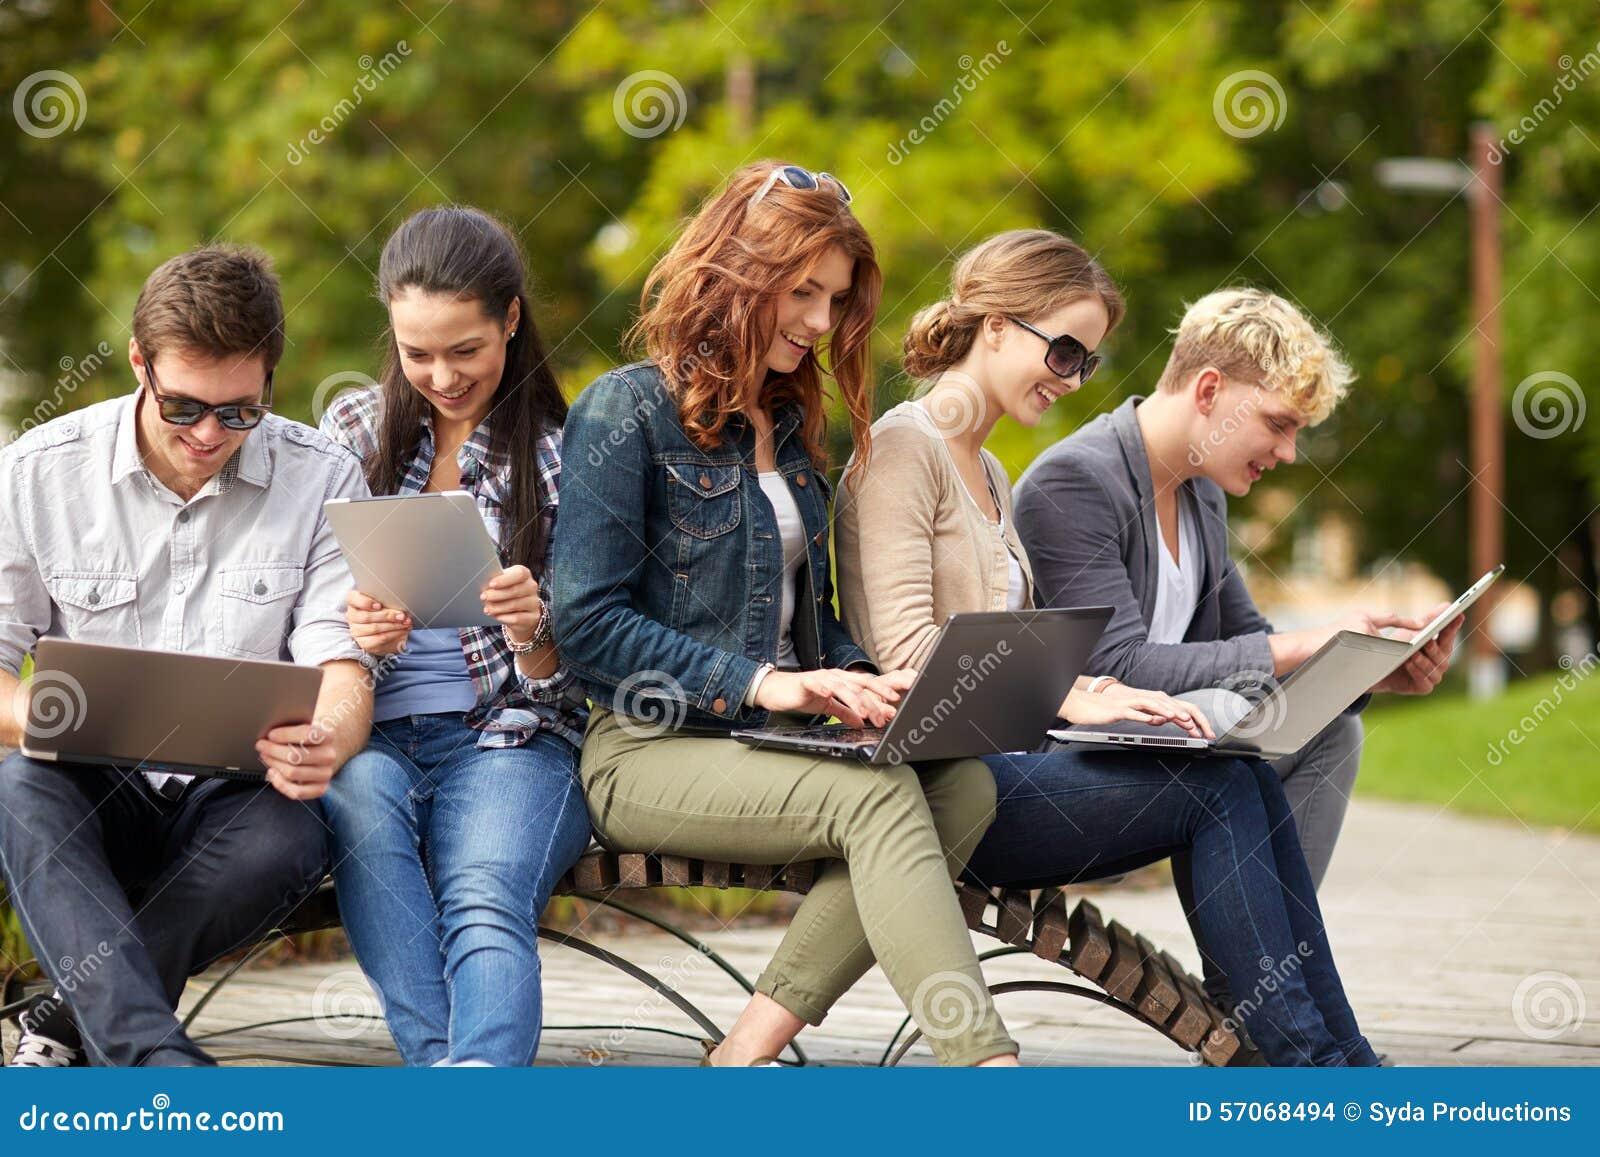 Studenten of tieners met laptop computers